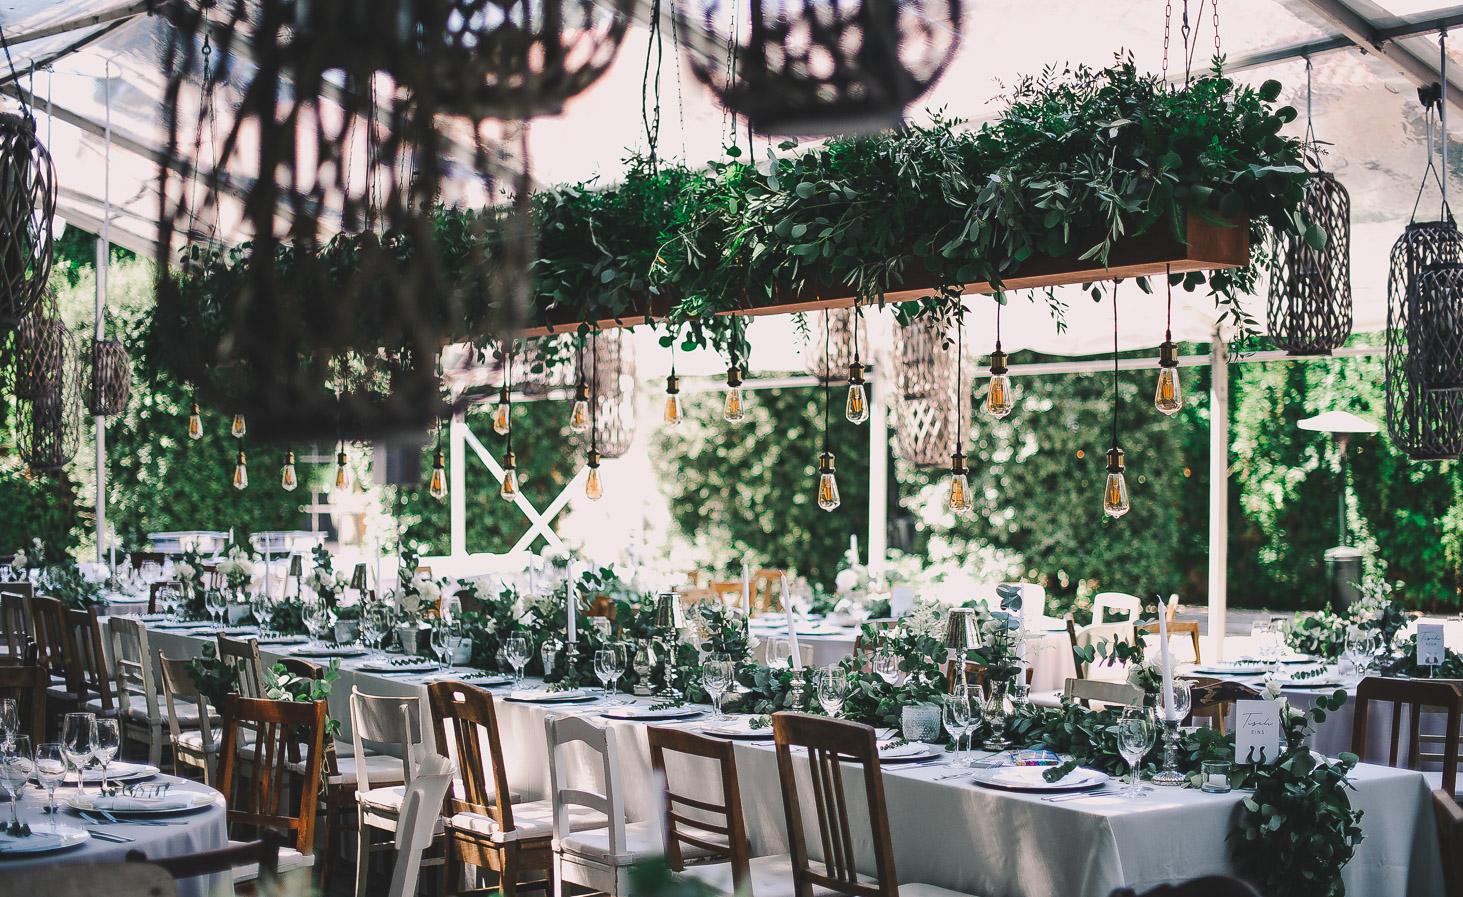 Hochzeit im Zelt im greenery organic look